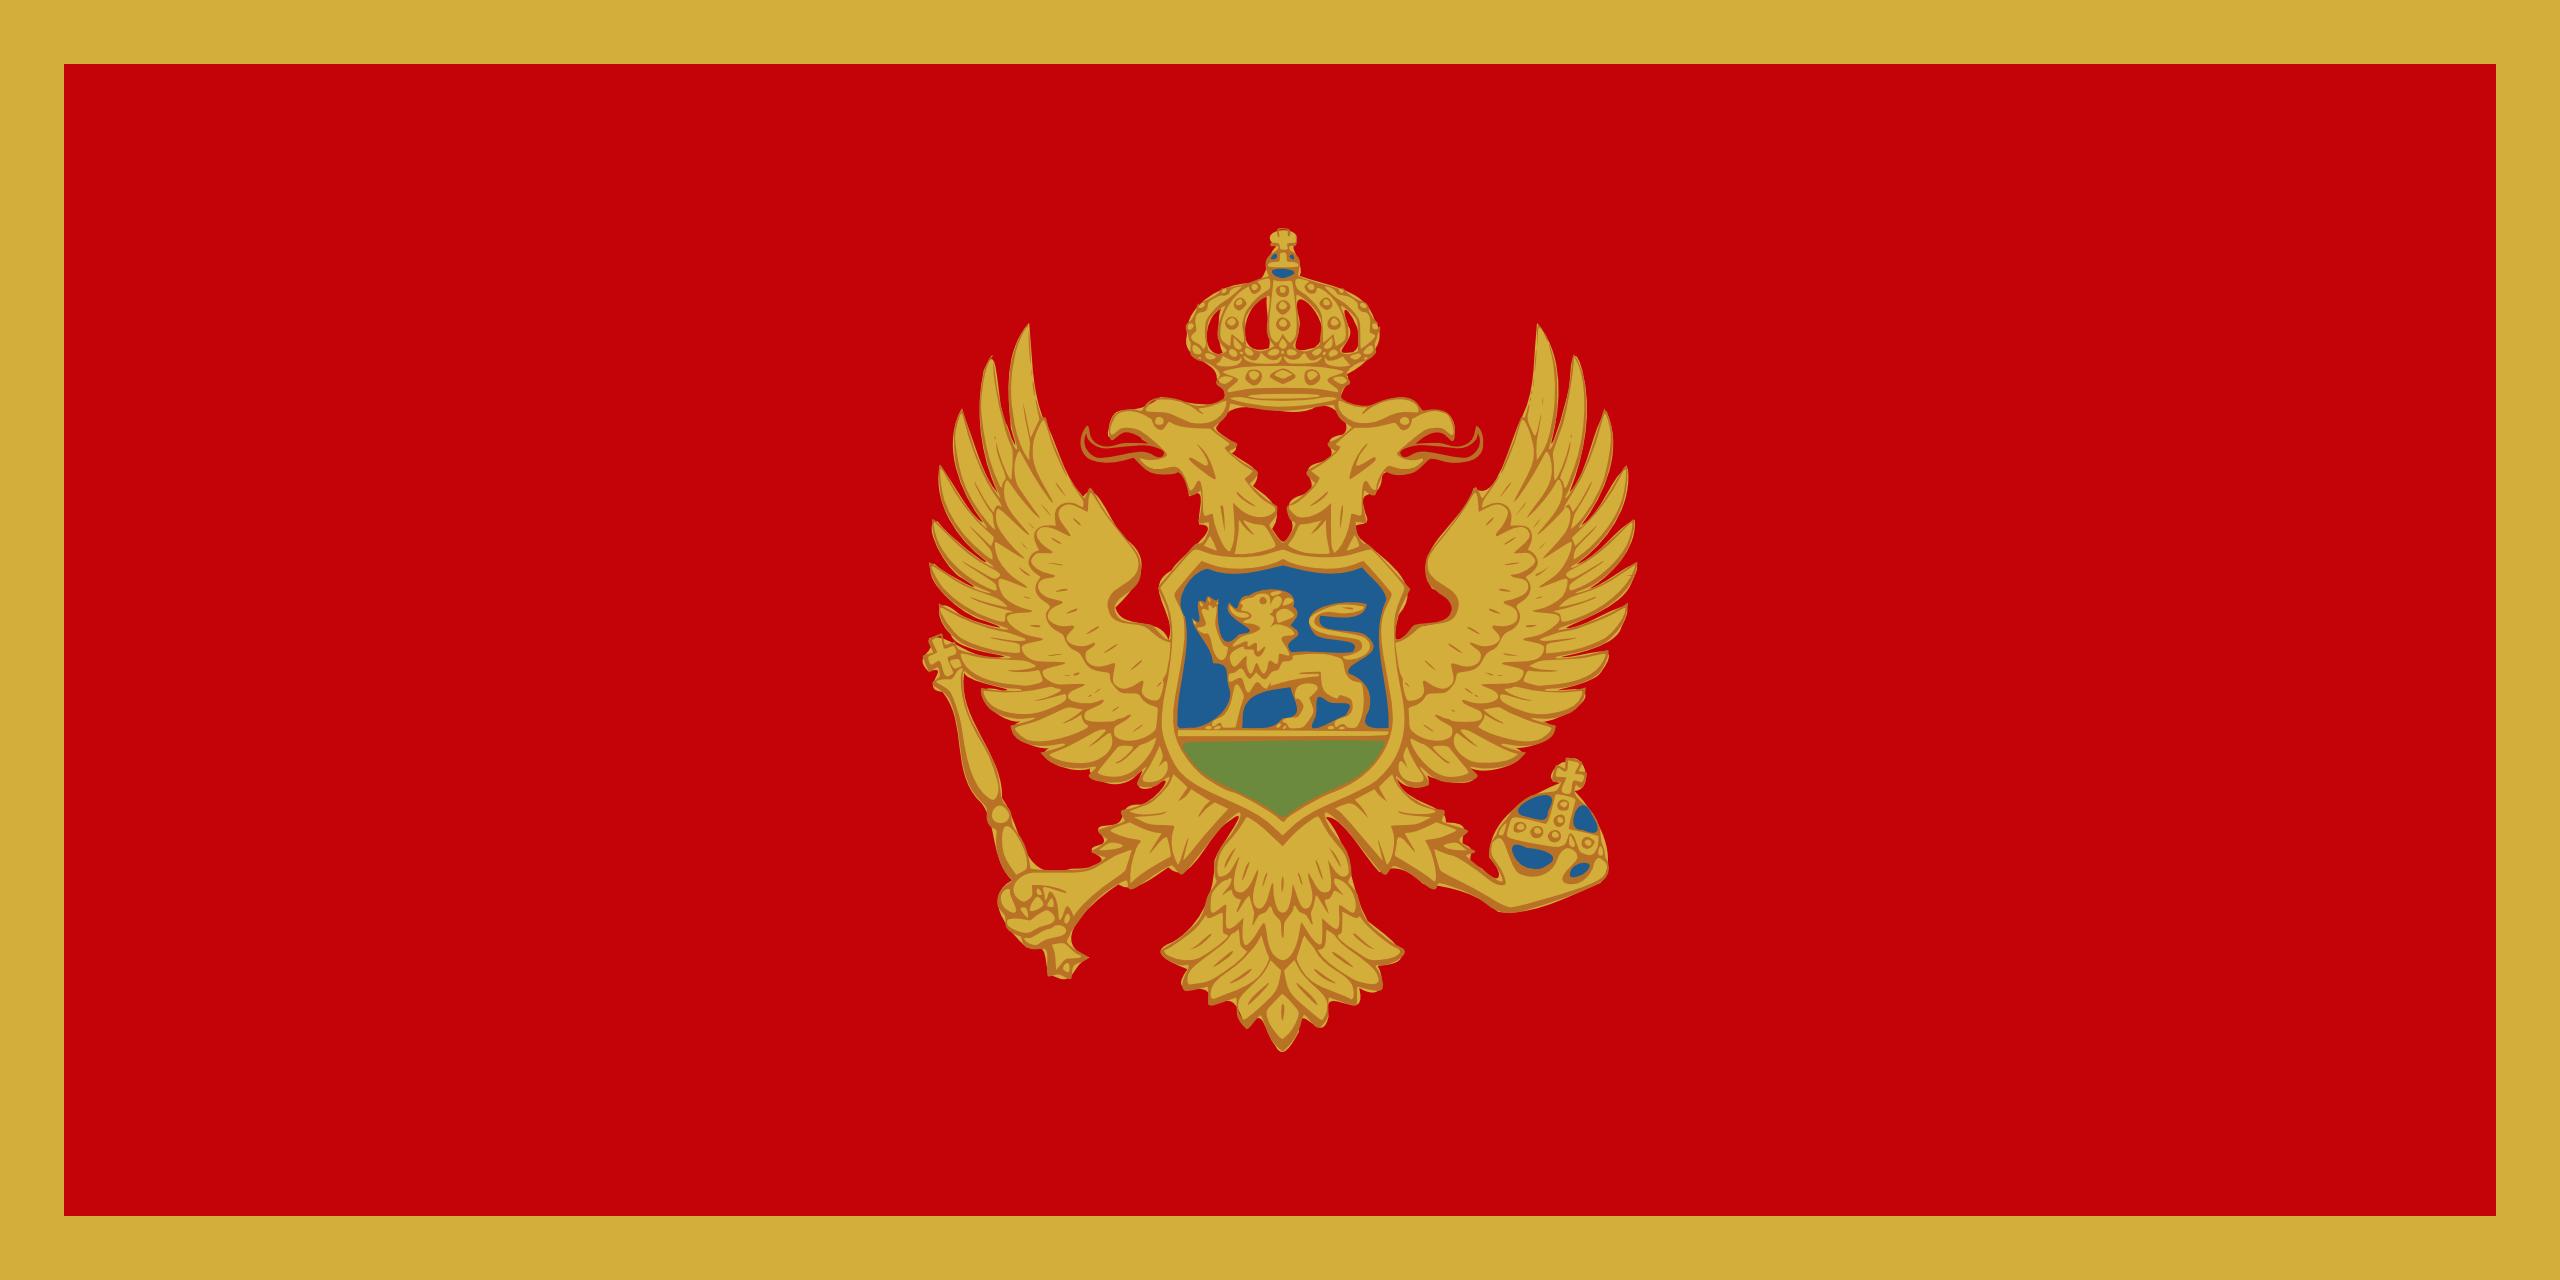 montenegro, país, emblema, insignia, símbolo - Fondos de Pantalla HD - professor-falken.com